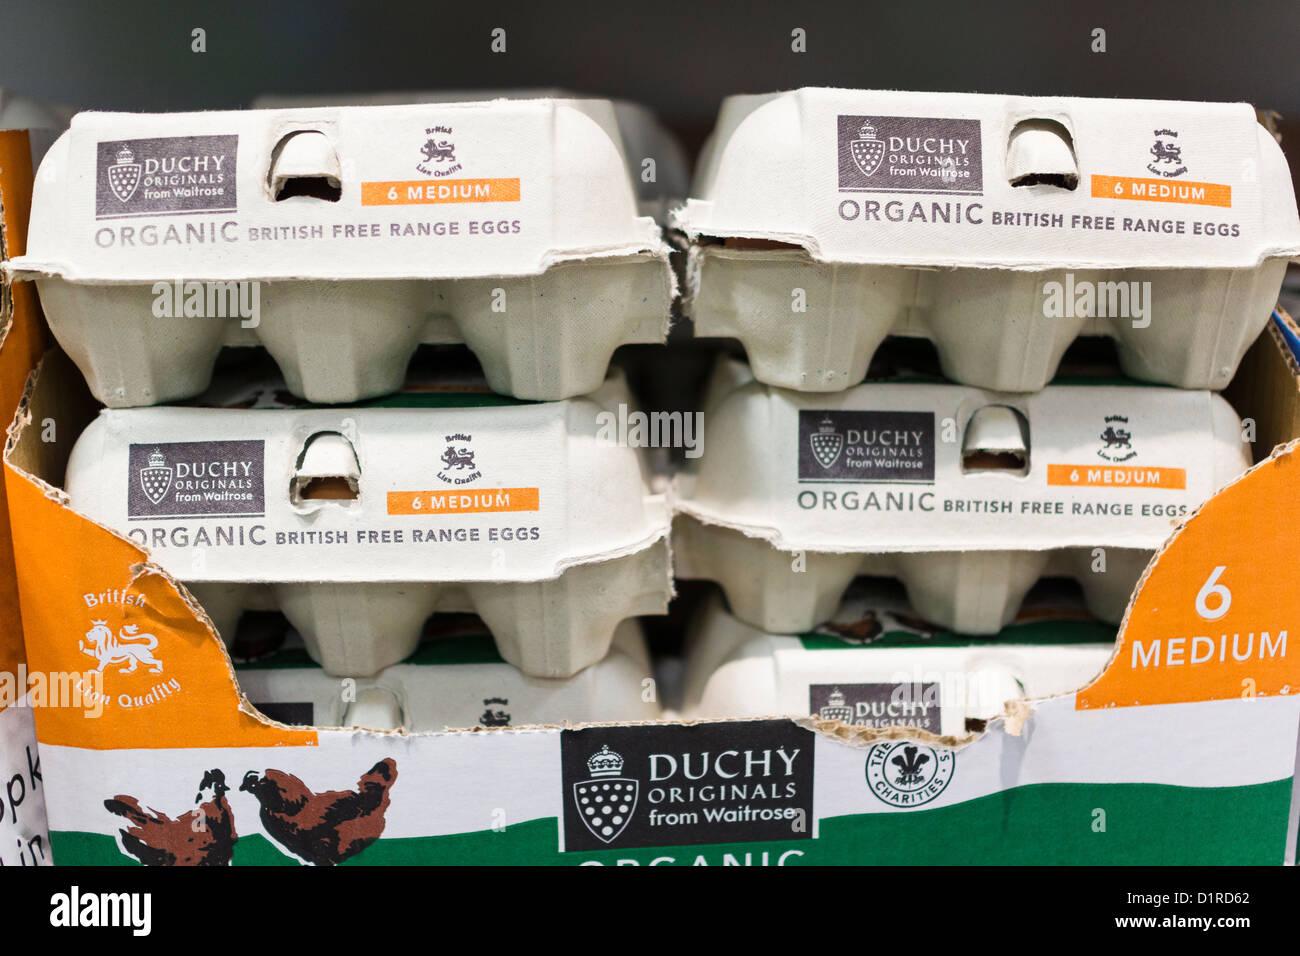 Cajas de rango libre huevos orgánicos en el supermercado Waitrose Foto de stock